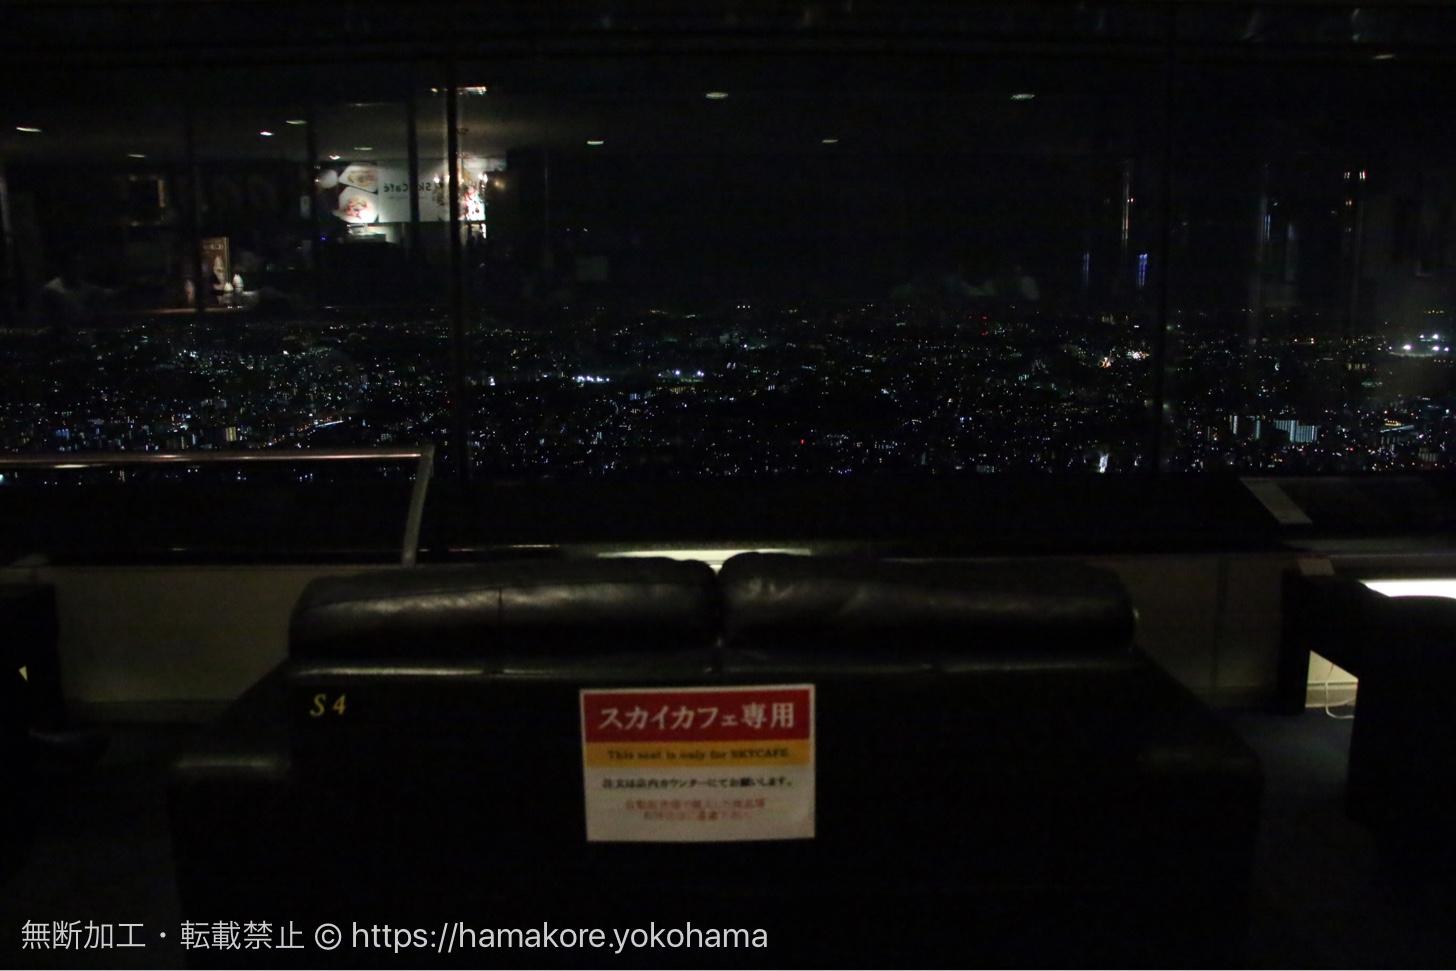 横浜ランドマークタワー「スカイガーデン」から見る夜景